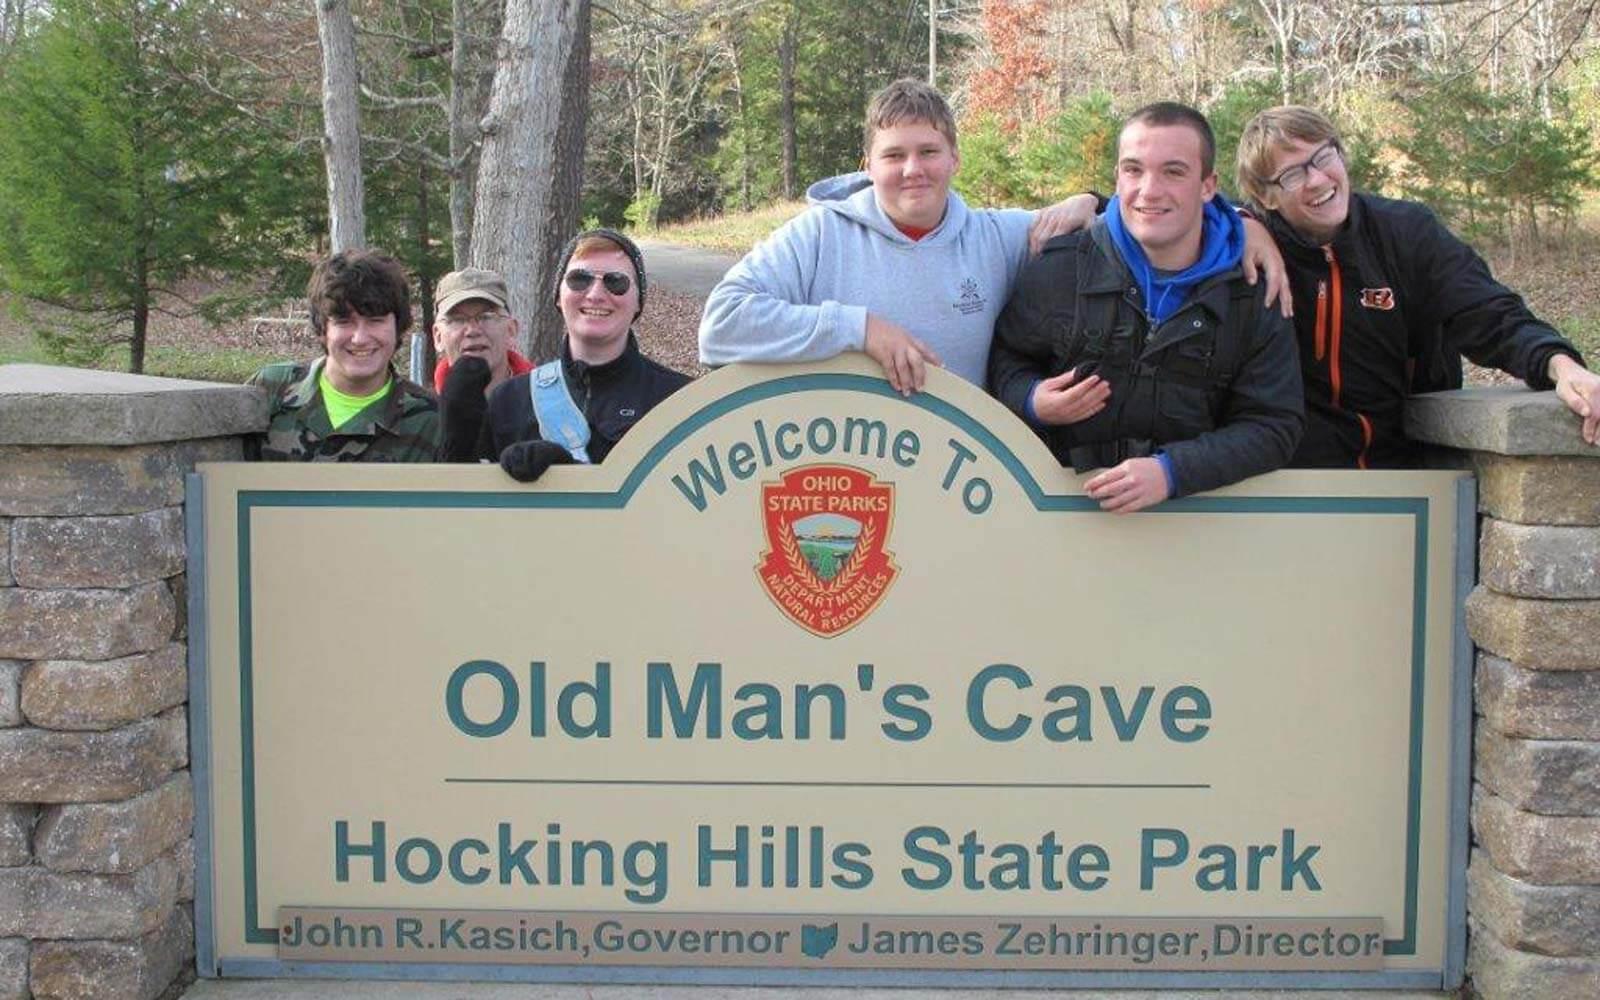 Austauschschüler Daniel und die Boy Scouts im Hocking Hills State Park